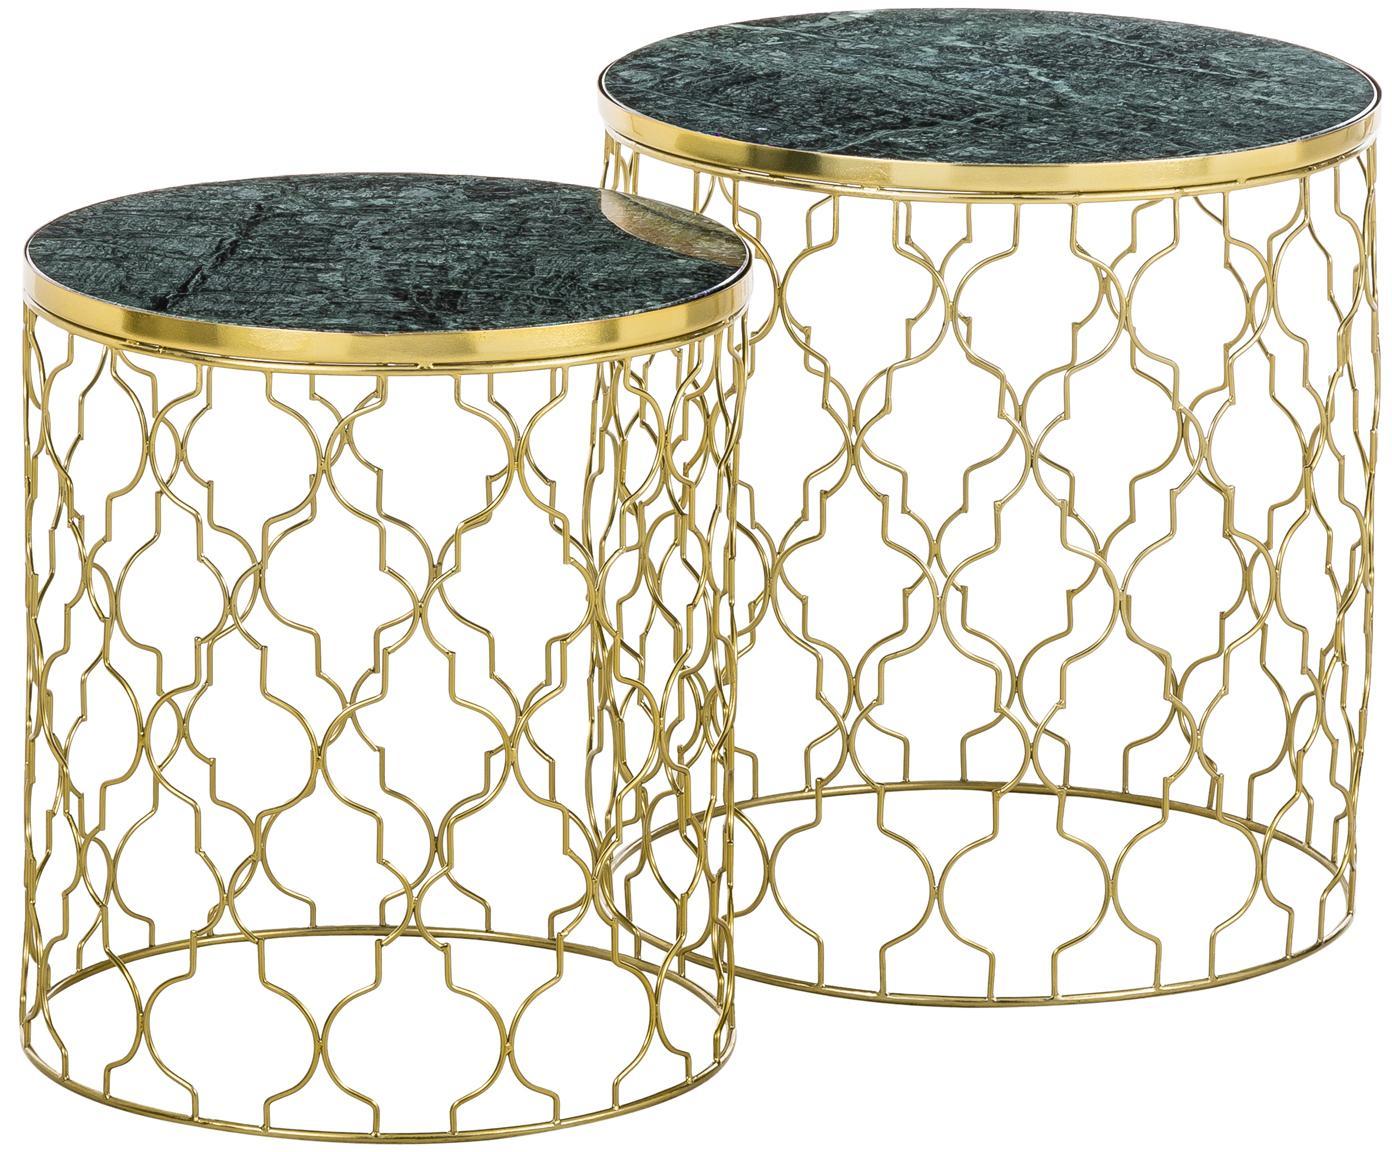 Set de mesas auxiliares de mármol Blake, 2uds., Tablero: mármol natural, Estructura: metal, recubierto, Tablero: mármol verde Estructura: dorado brillante, Tamaños diferentes